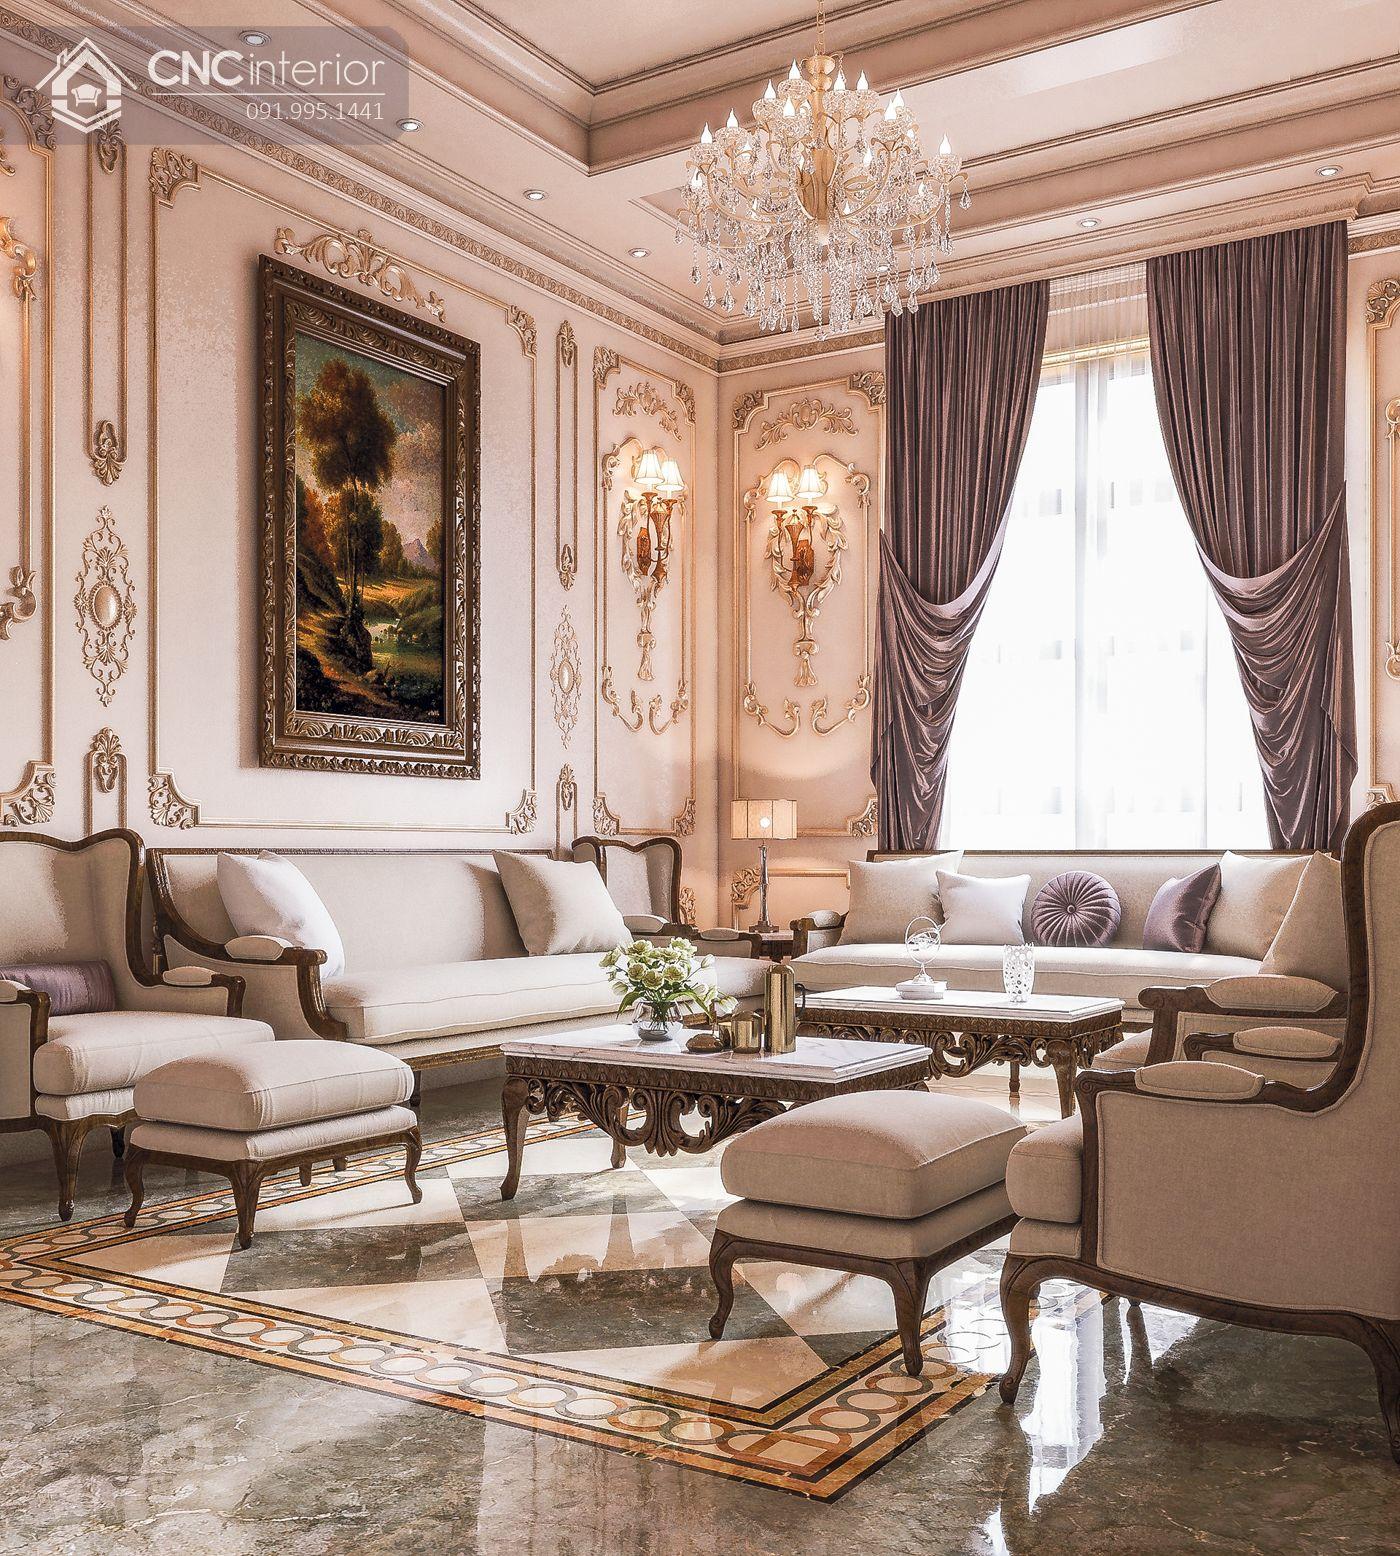 các mẫu thiết kế nội thất biệt thự đẹp 24